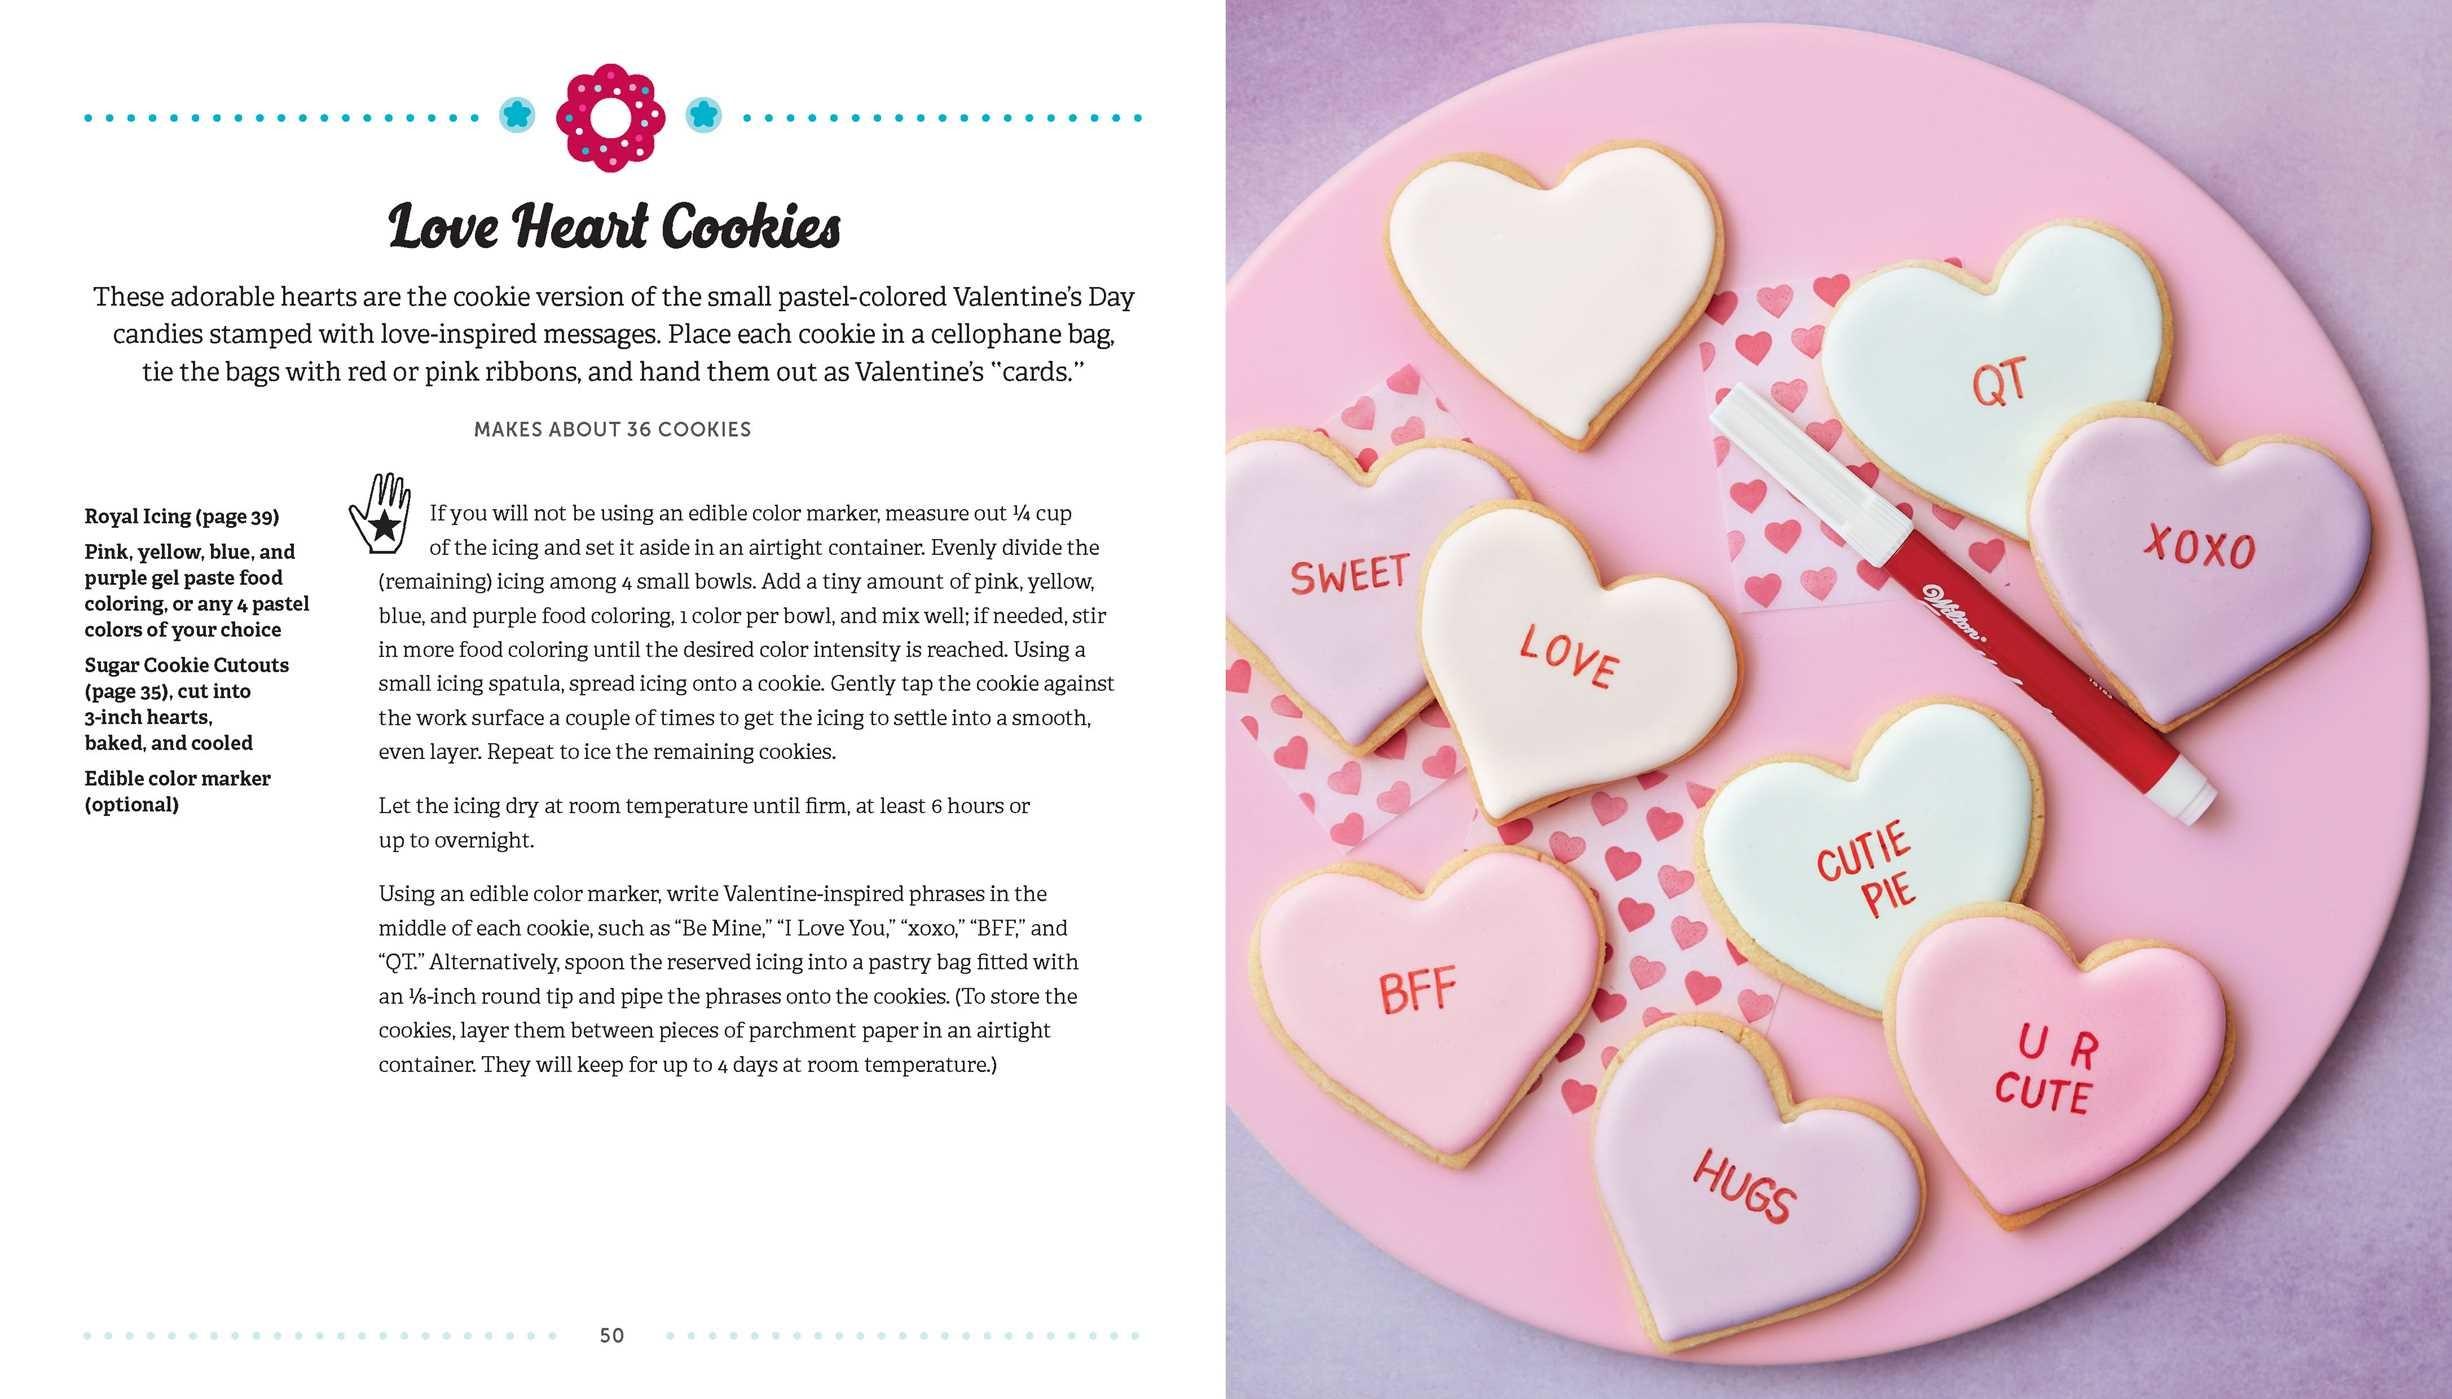 American girl cookies 9781681884424.in05